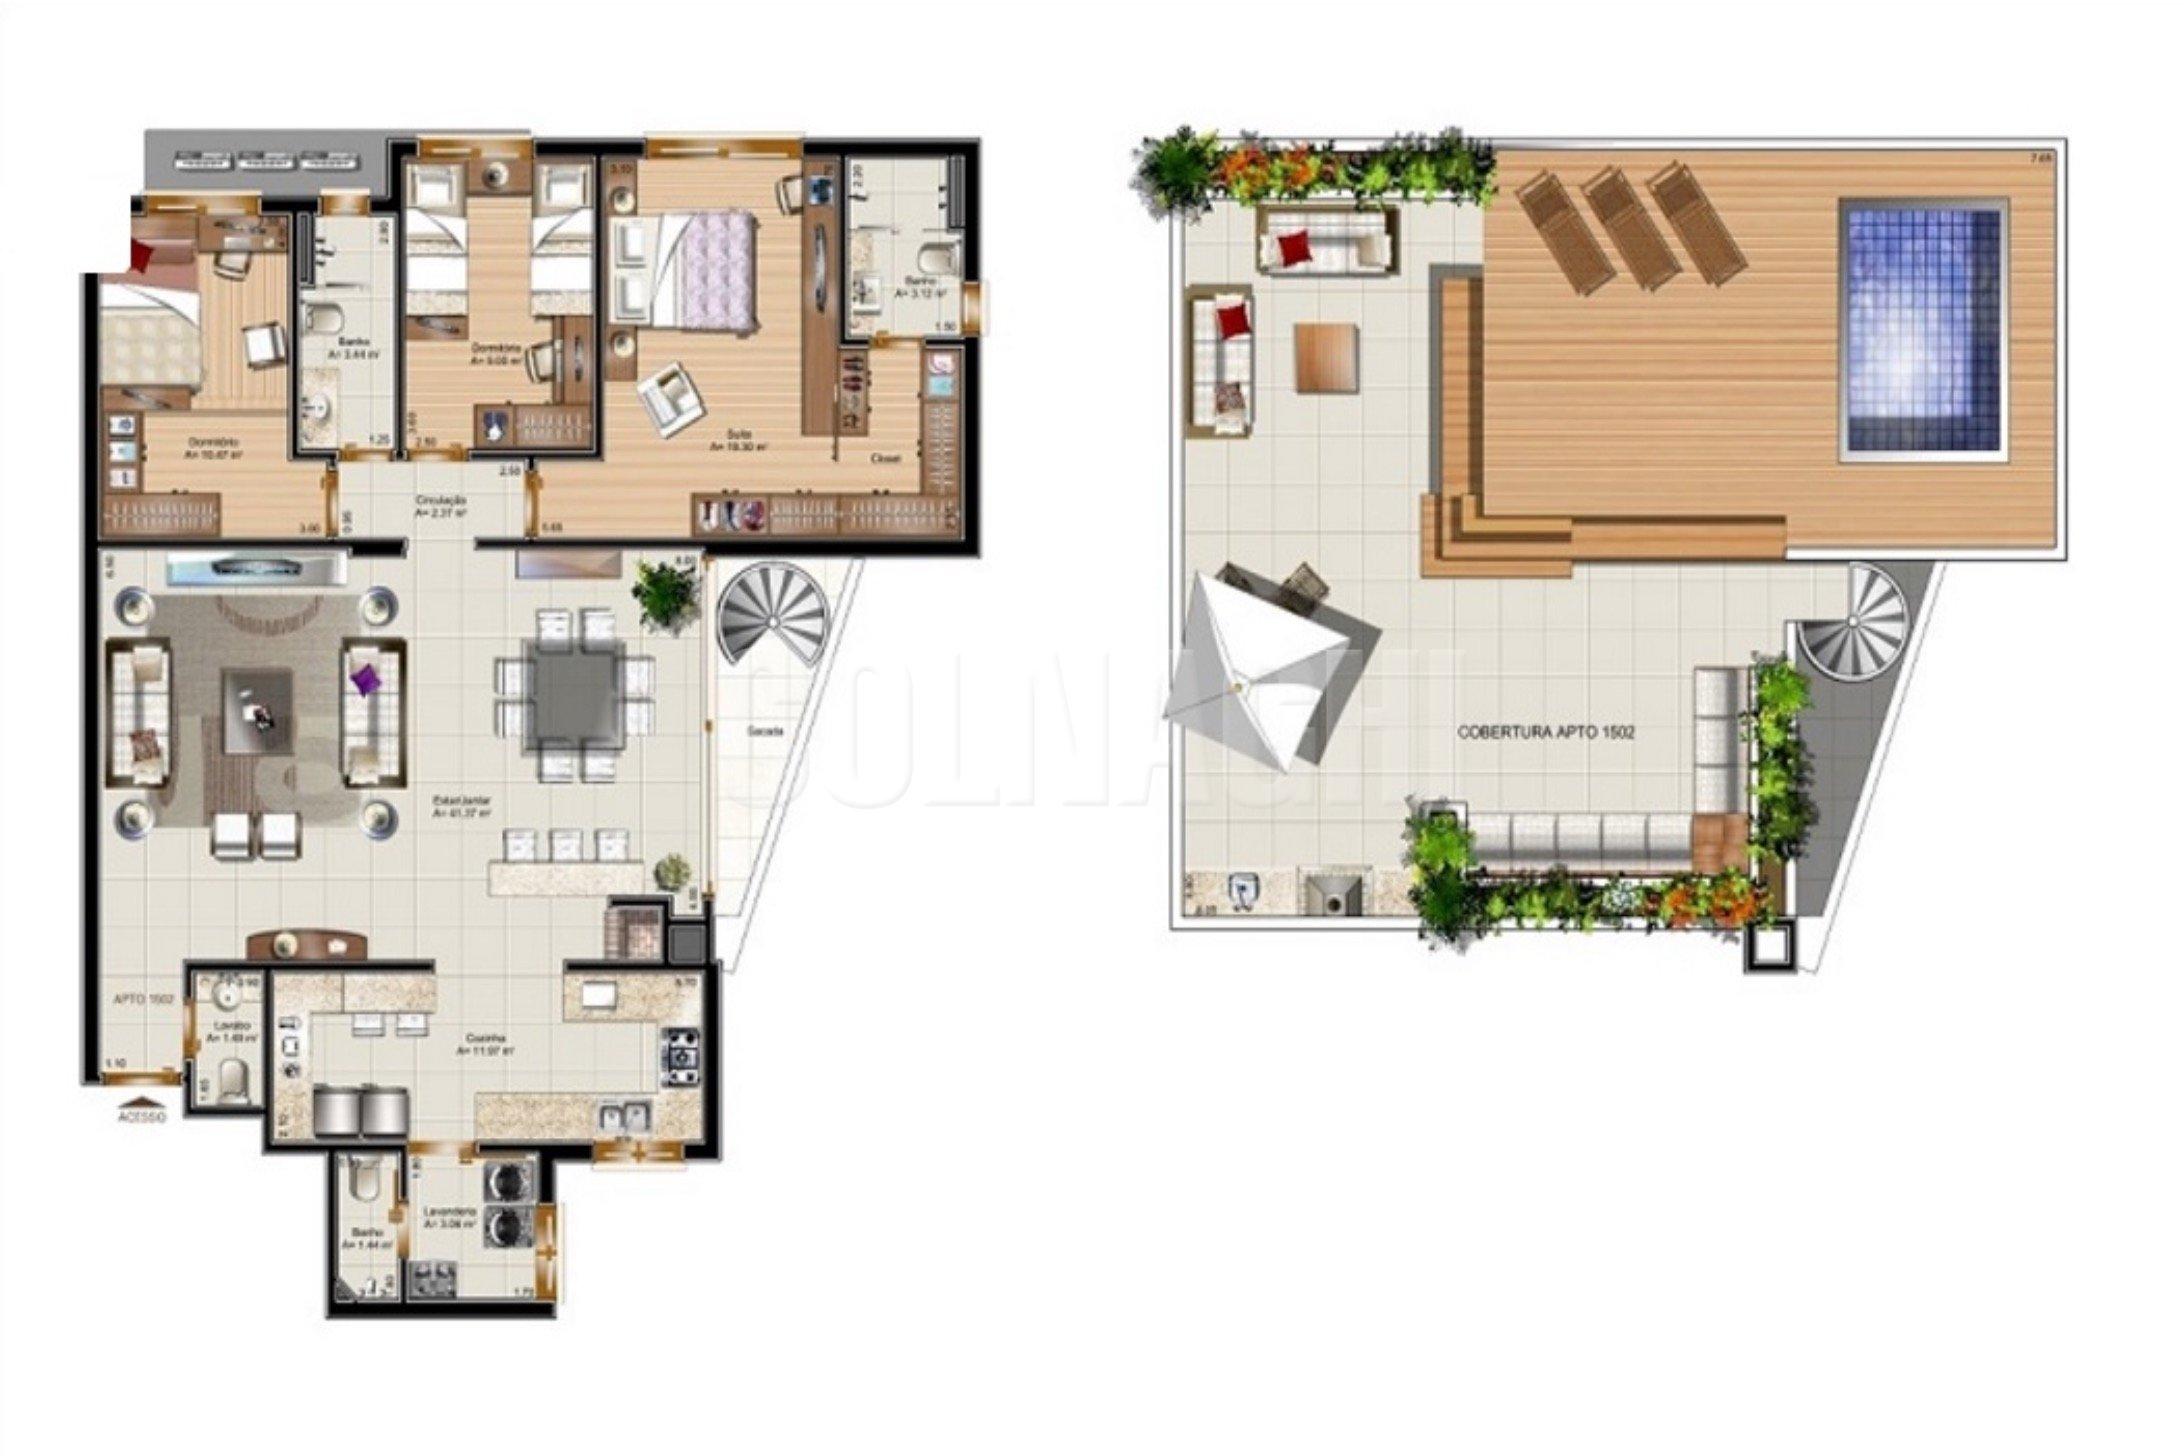 Villa Dei Fiori Residencial de 3 dormitórios em Auxiliadora, Porto Alegre - RS